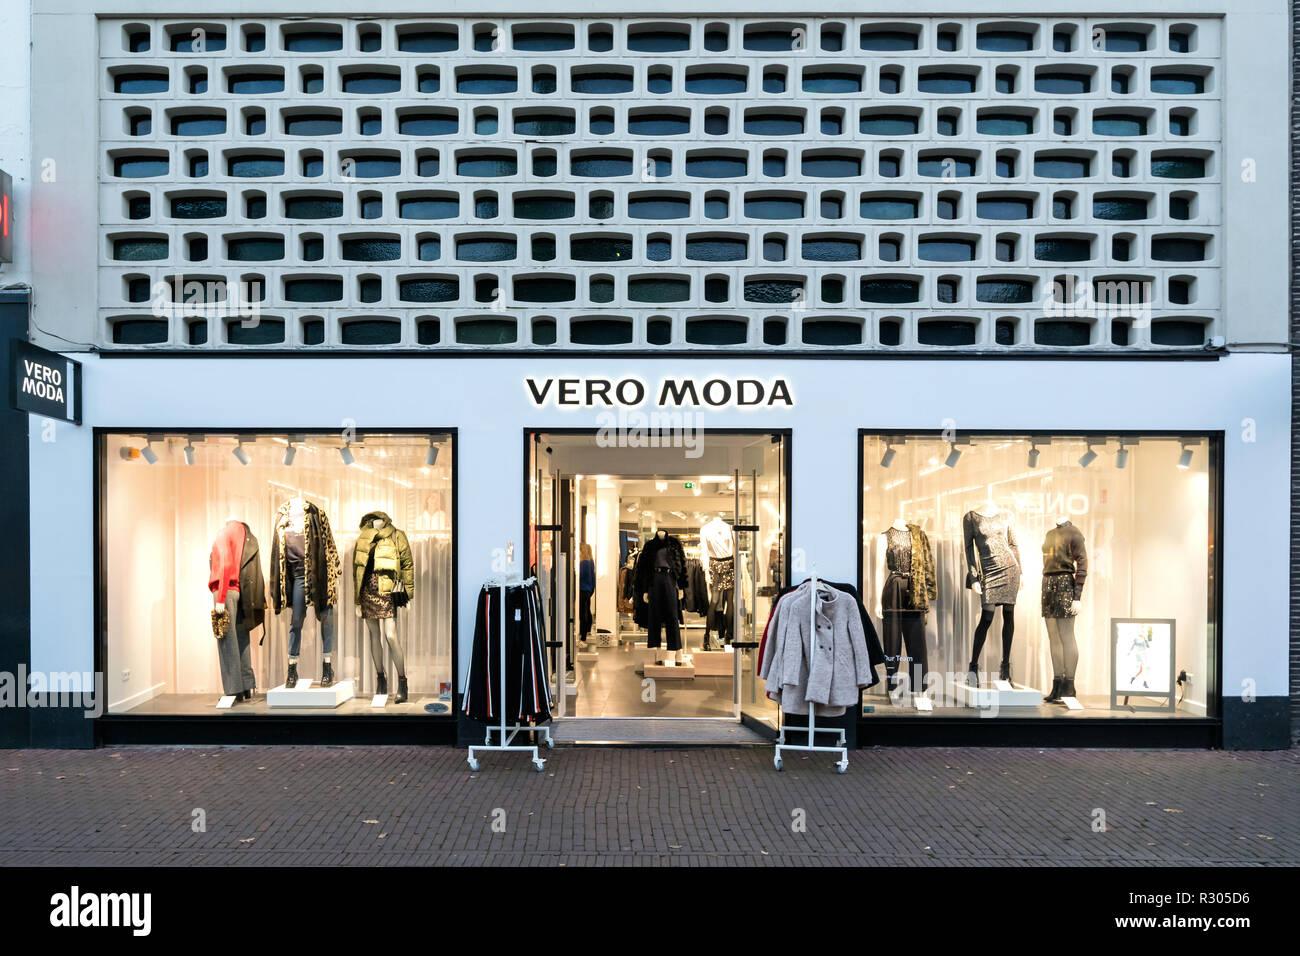 Vero Moda sucursal en Sneek, Holanda. Vero Moda es una marca de best-seller A/S es una empresa privada propiedad de la familia Clothing Company con sede en Dinamarca. Imagen De Stock